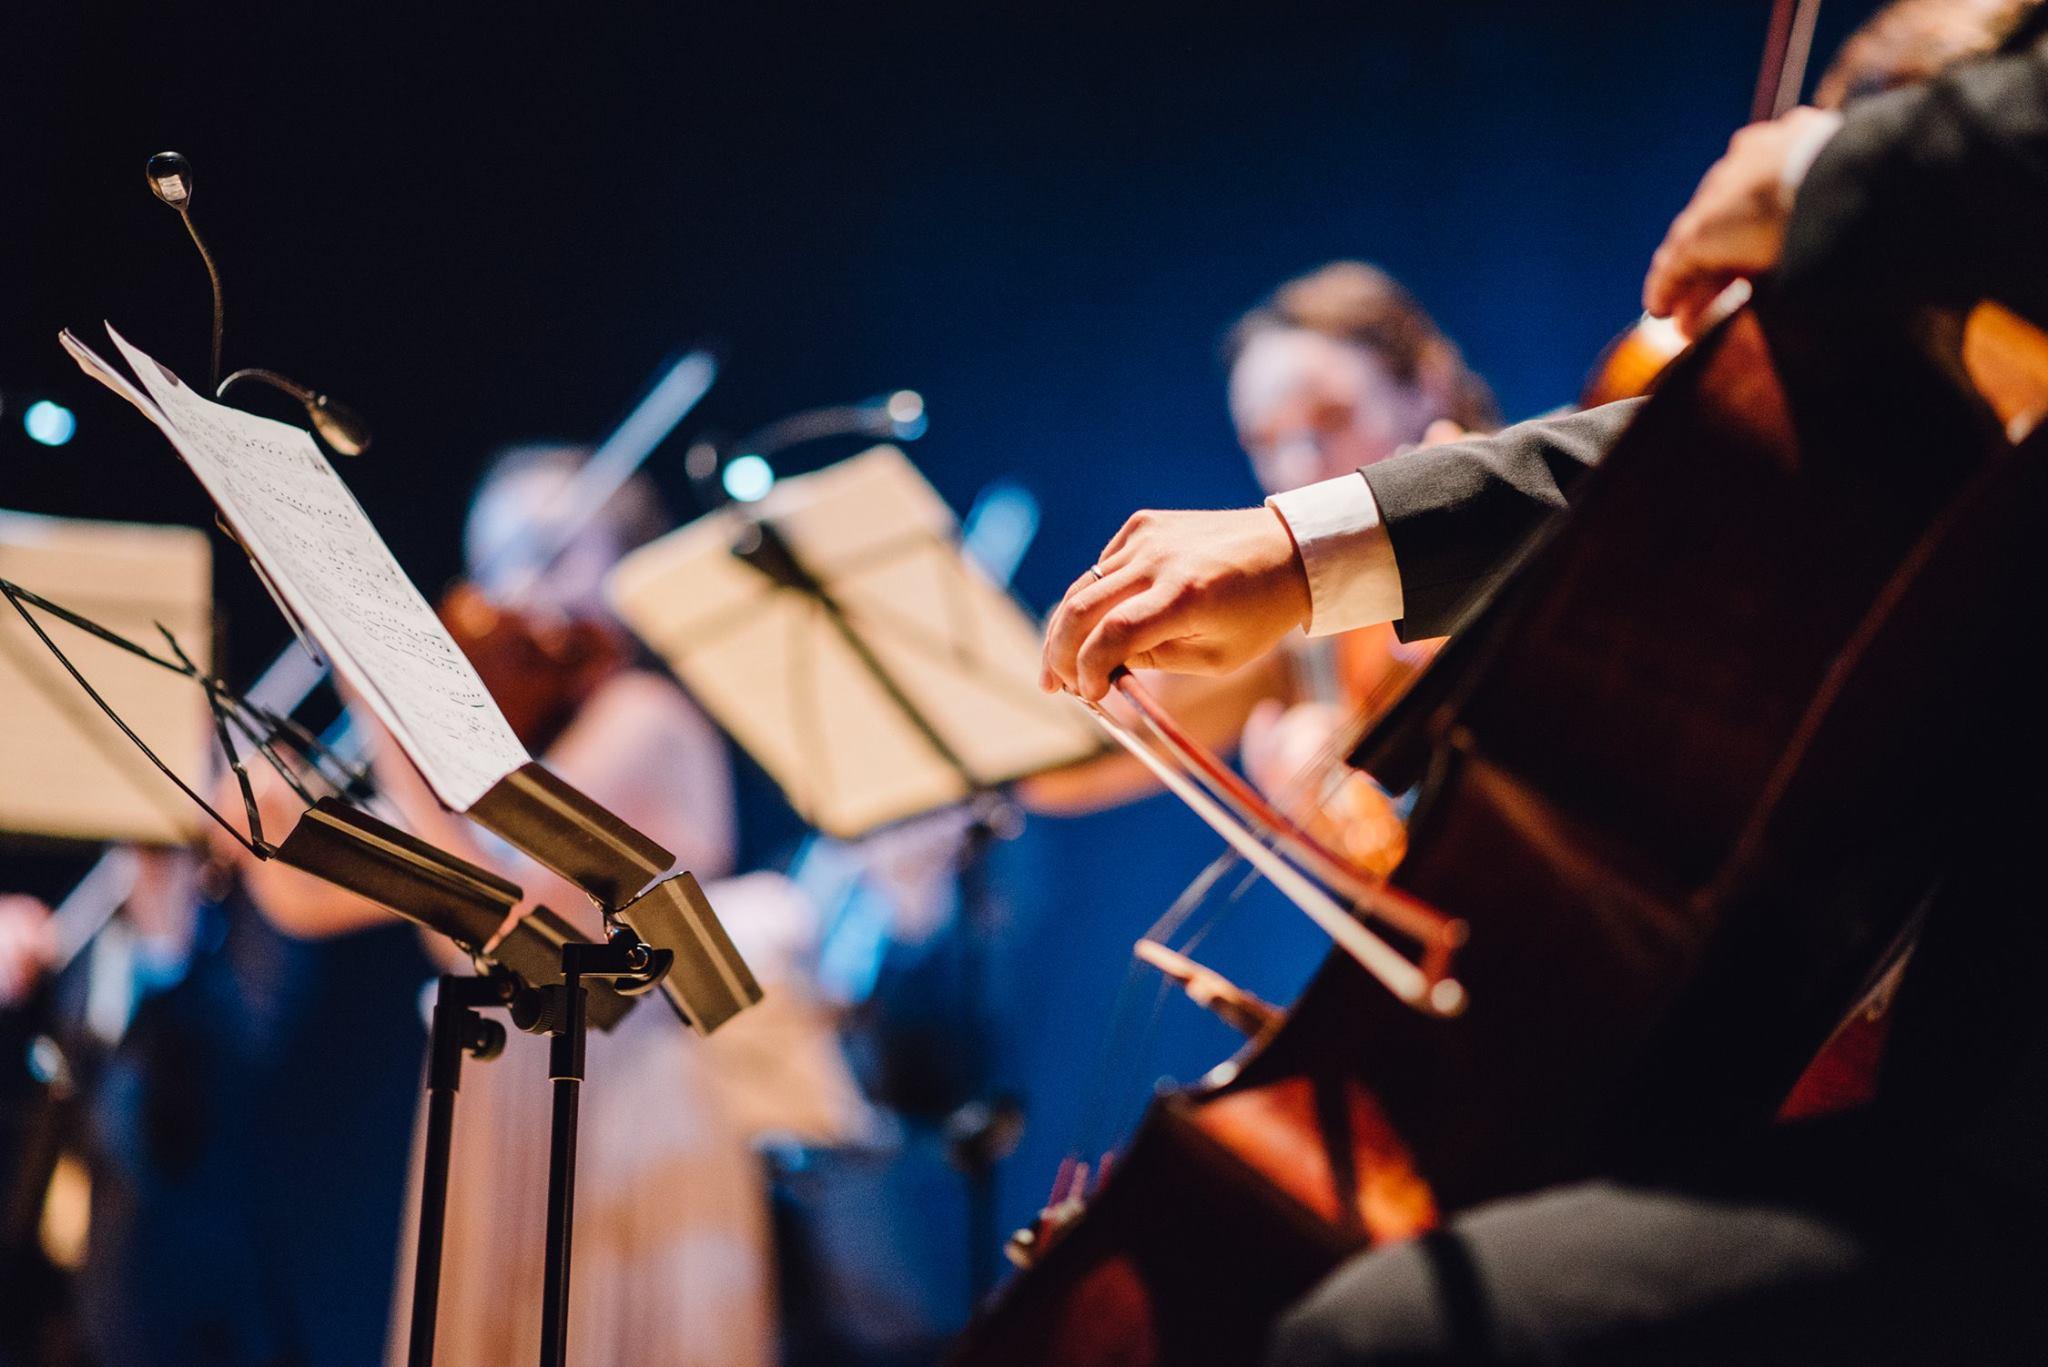 Классическая музыка: куда пойти на концерт в Киеве?